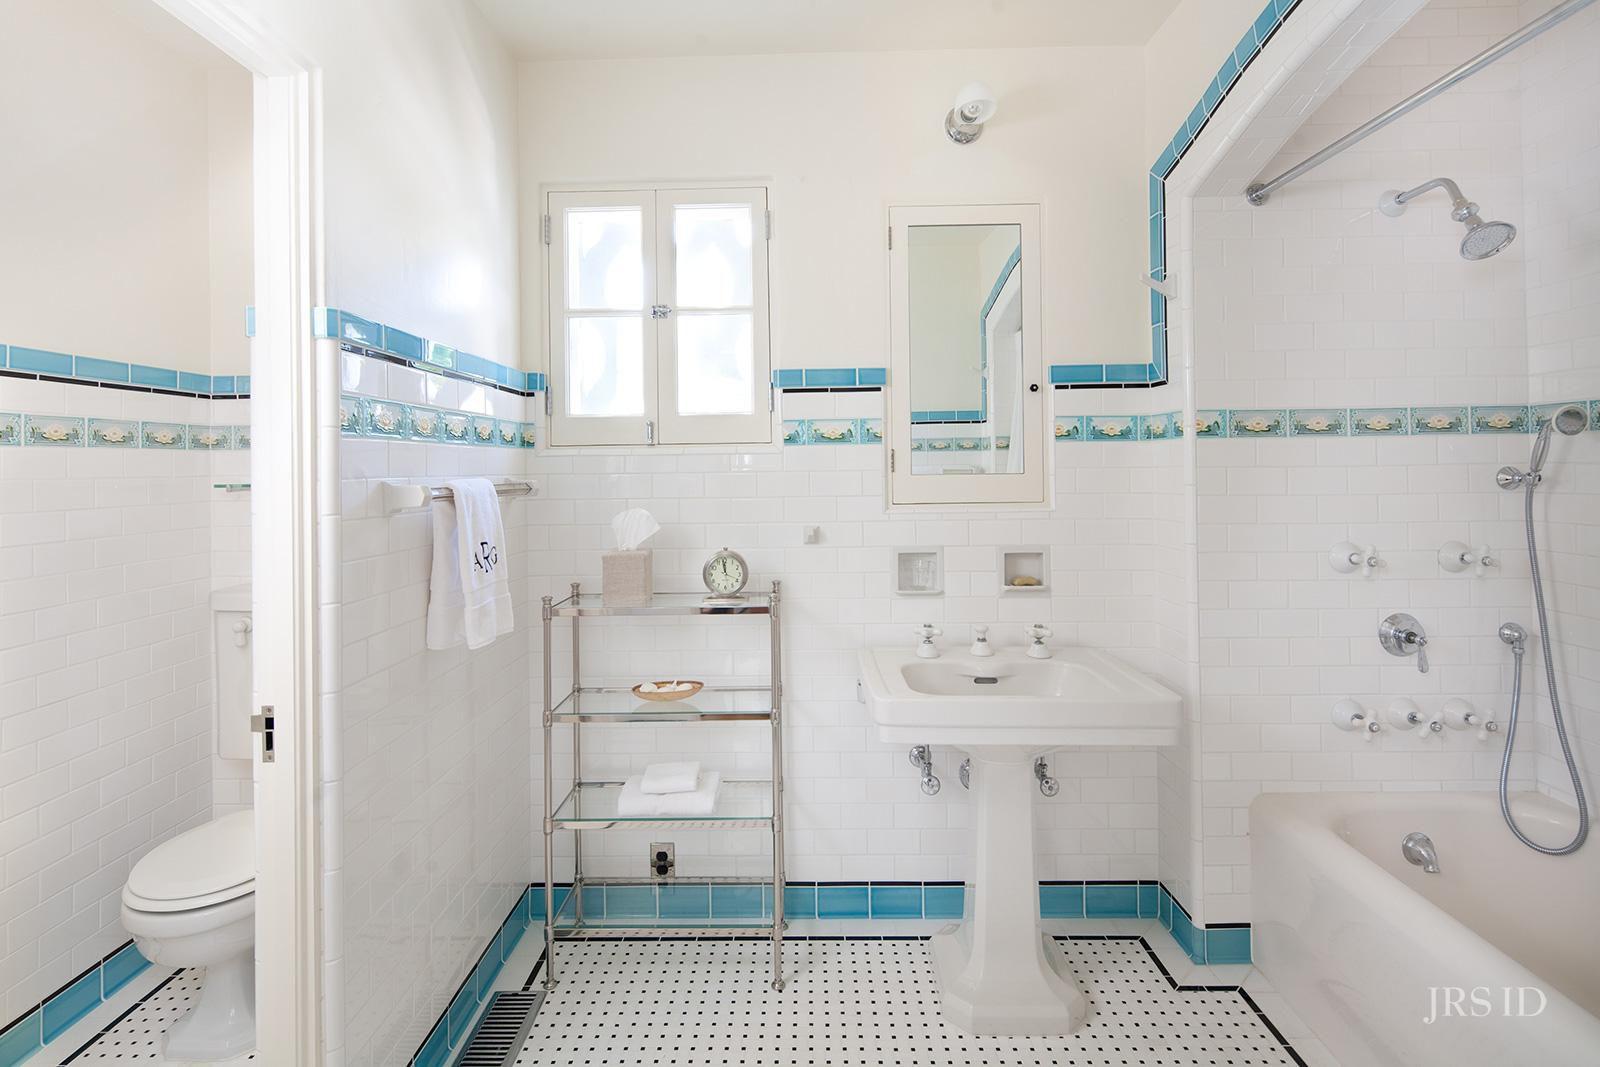 Blue tile in a vintage inspired bathroom.